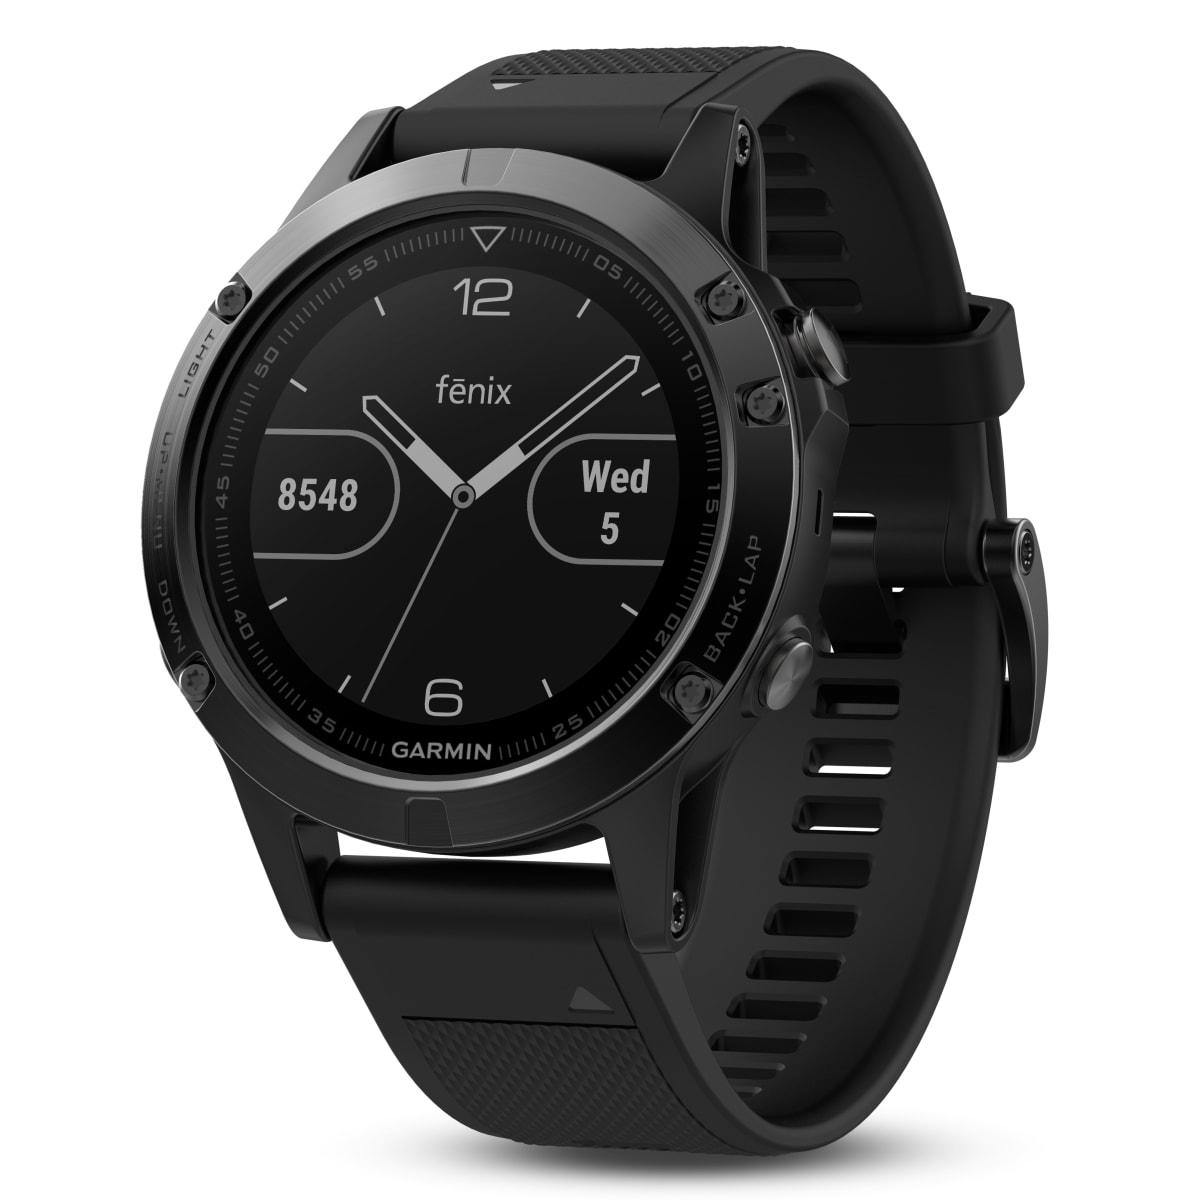 GPS-Uhr Garmin fenix 5 Saphir - schwarz